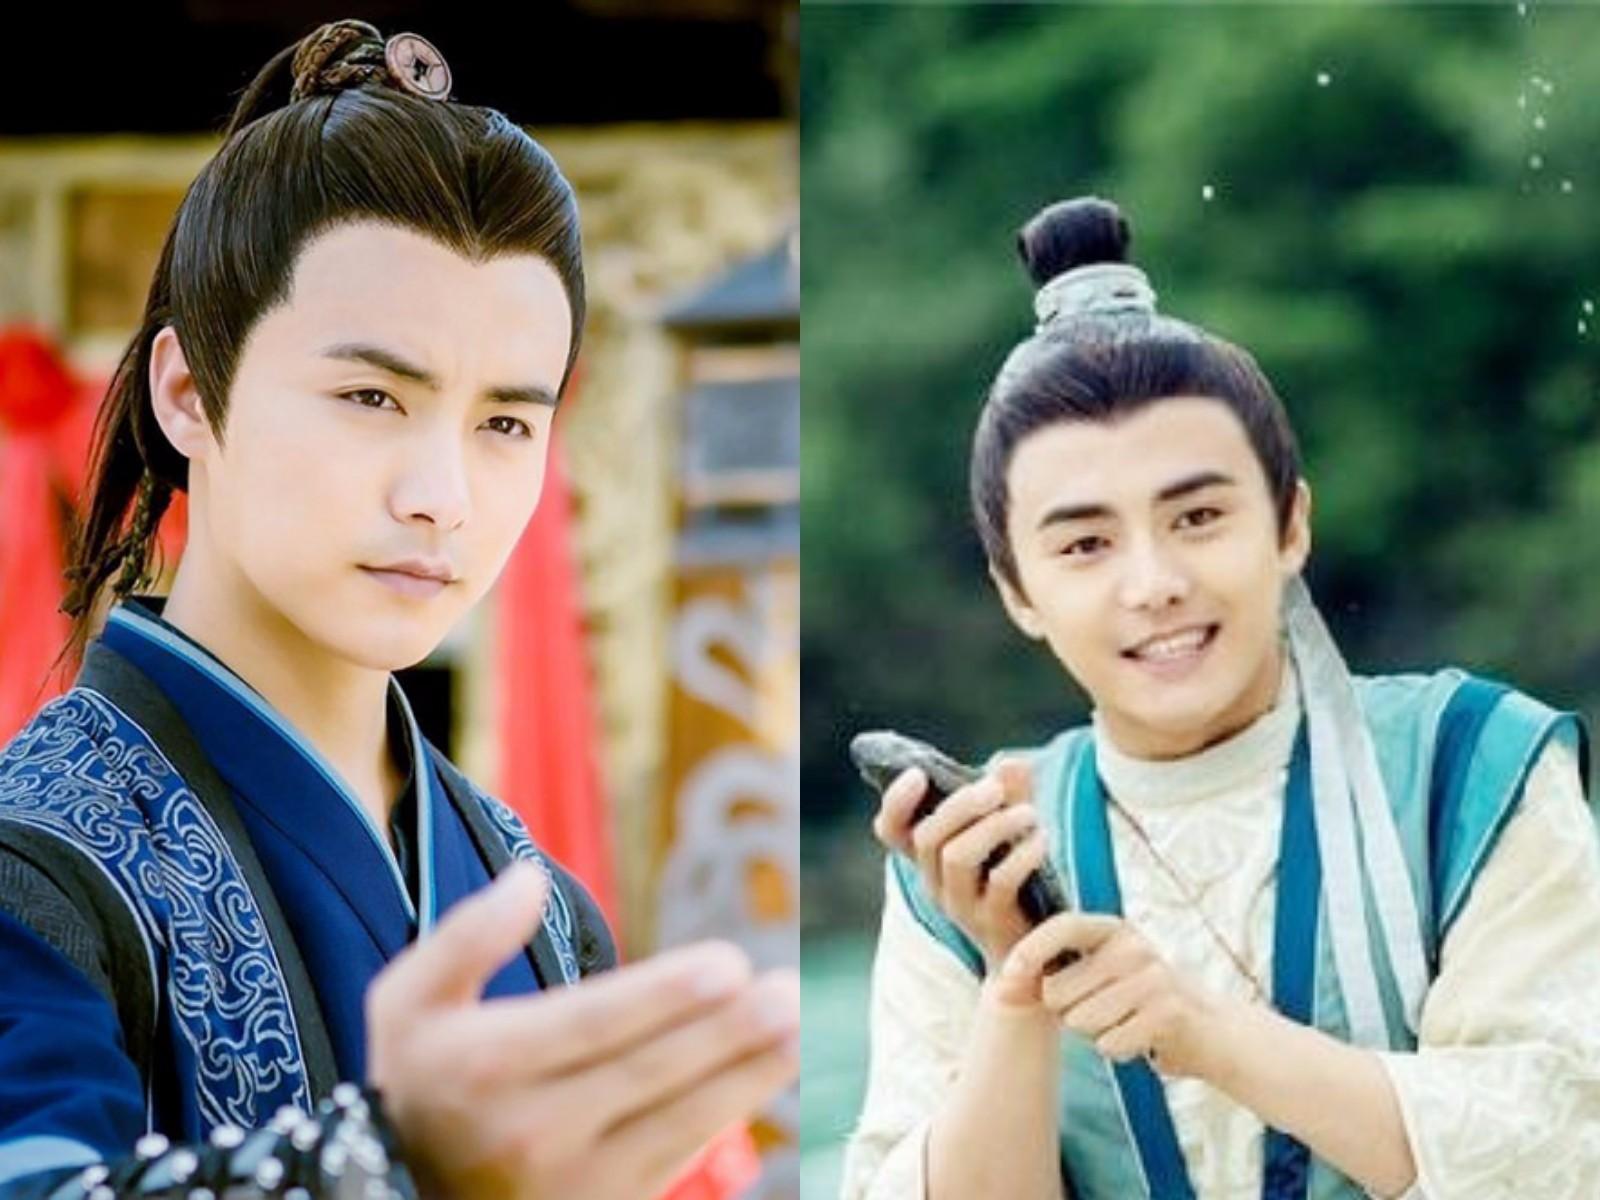 在电影《万万没想到》里,马天宇饰演仙家子弟——慕容白,也正是这个